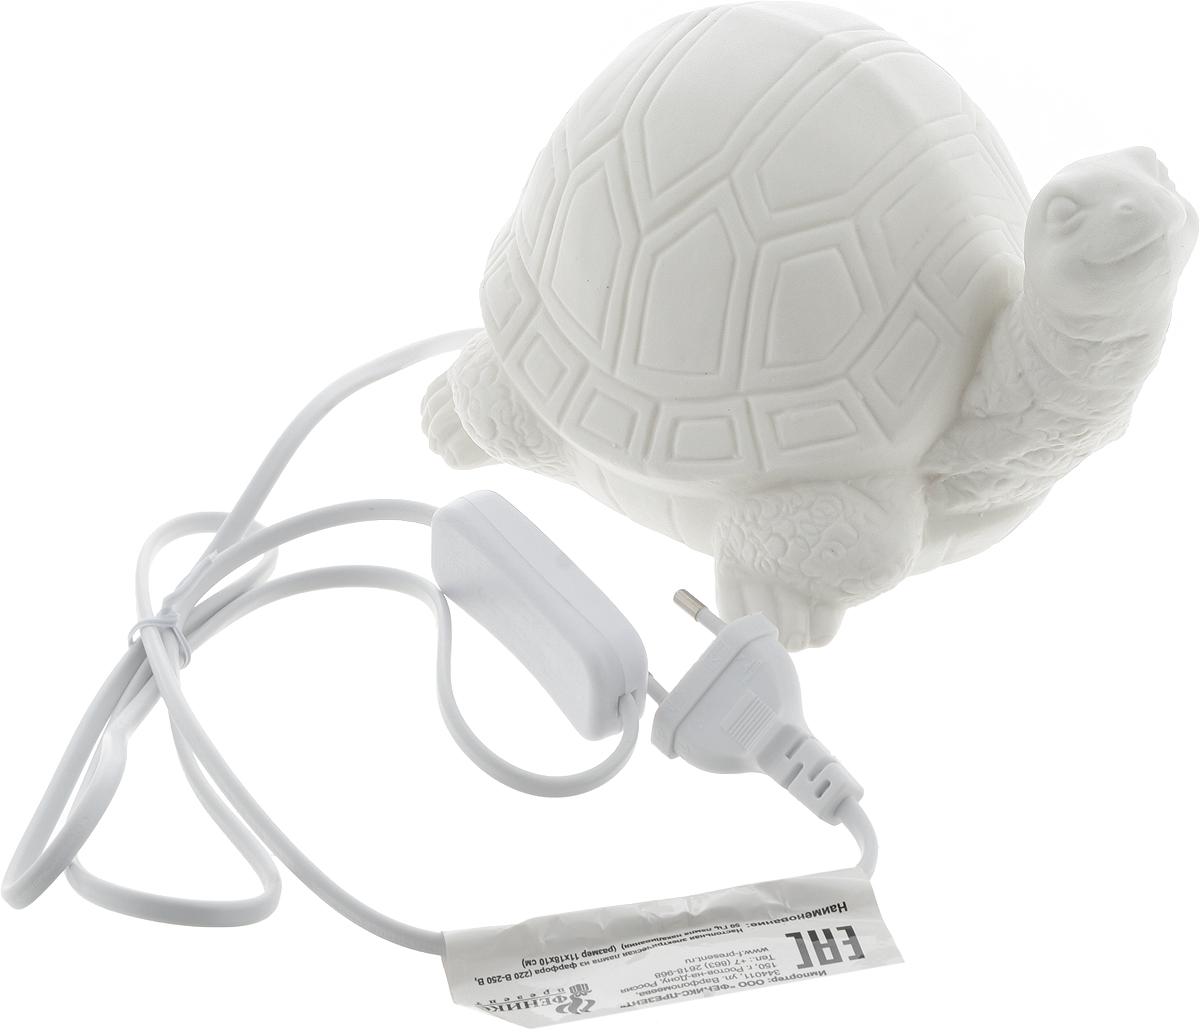 Лампа настольная Феникс-Презент Черепаха, 18 х 13 х 11,5 см лампа настольная феникс презент белка цвет белый 17 х 12 х 19 см